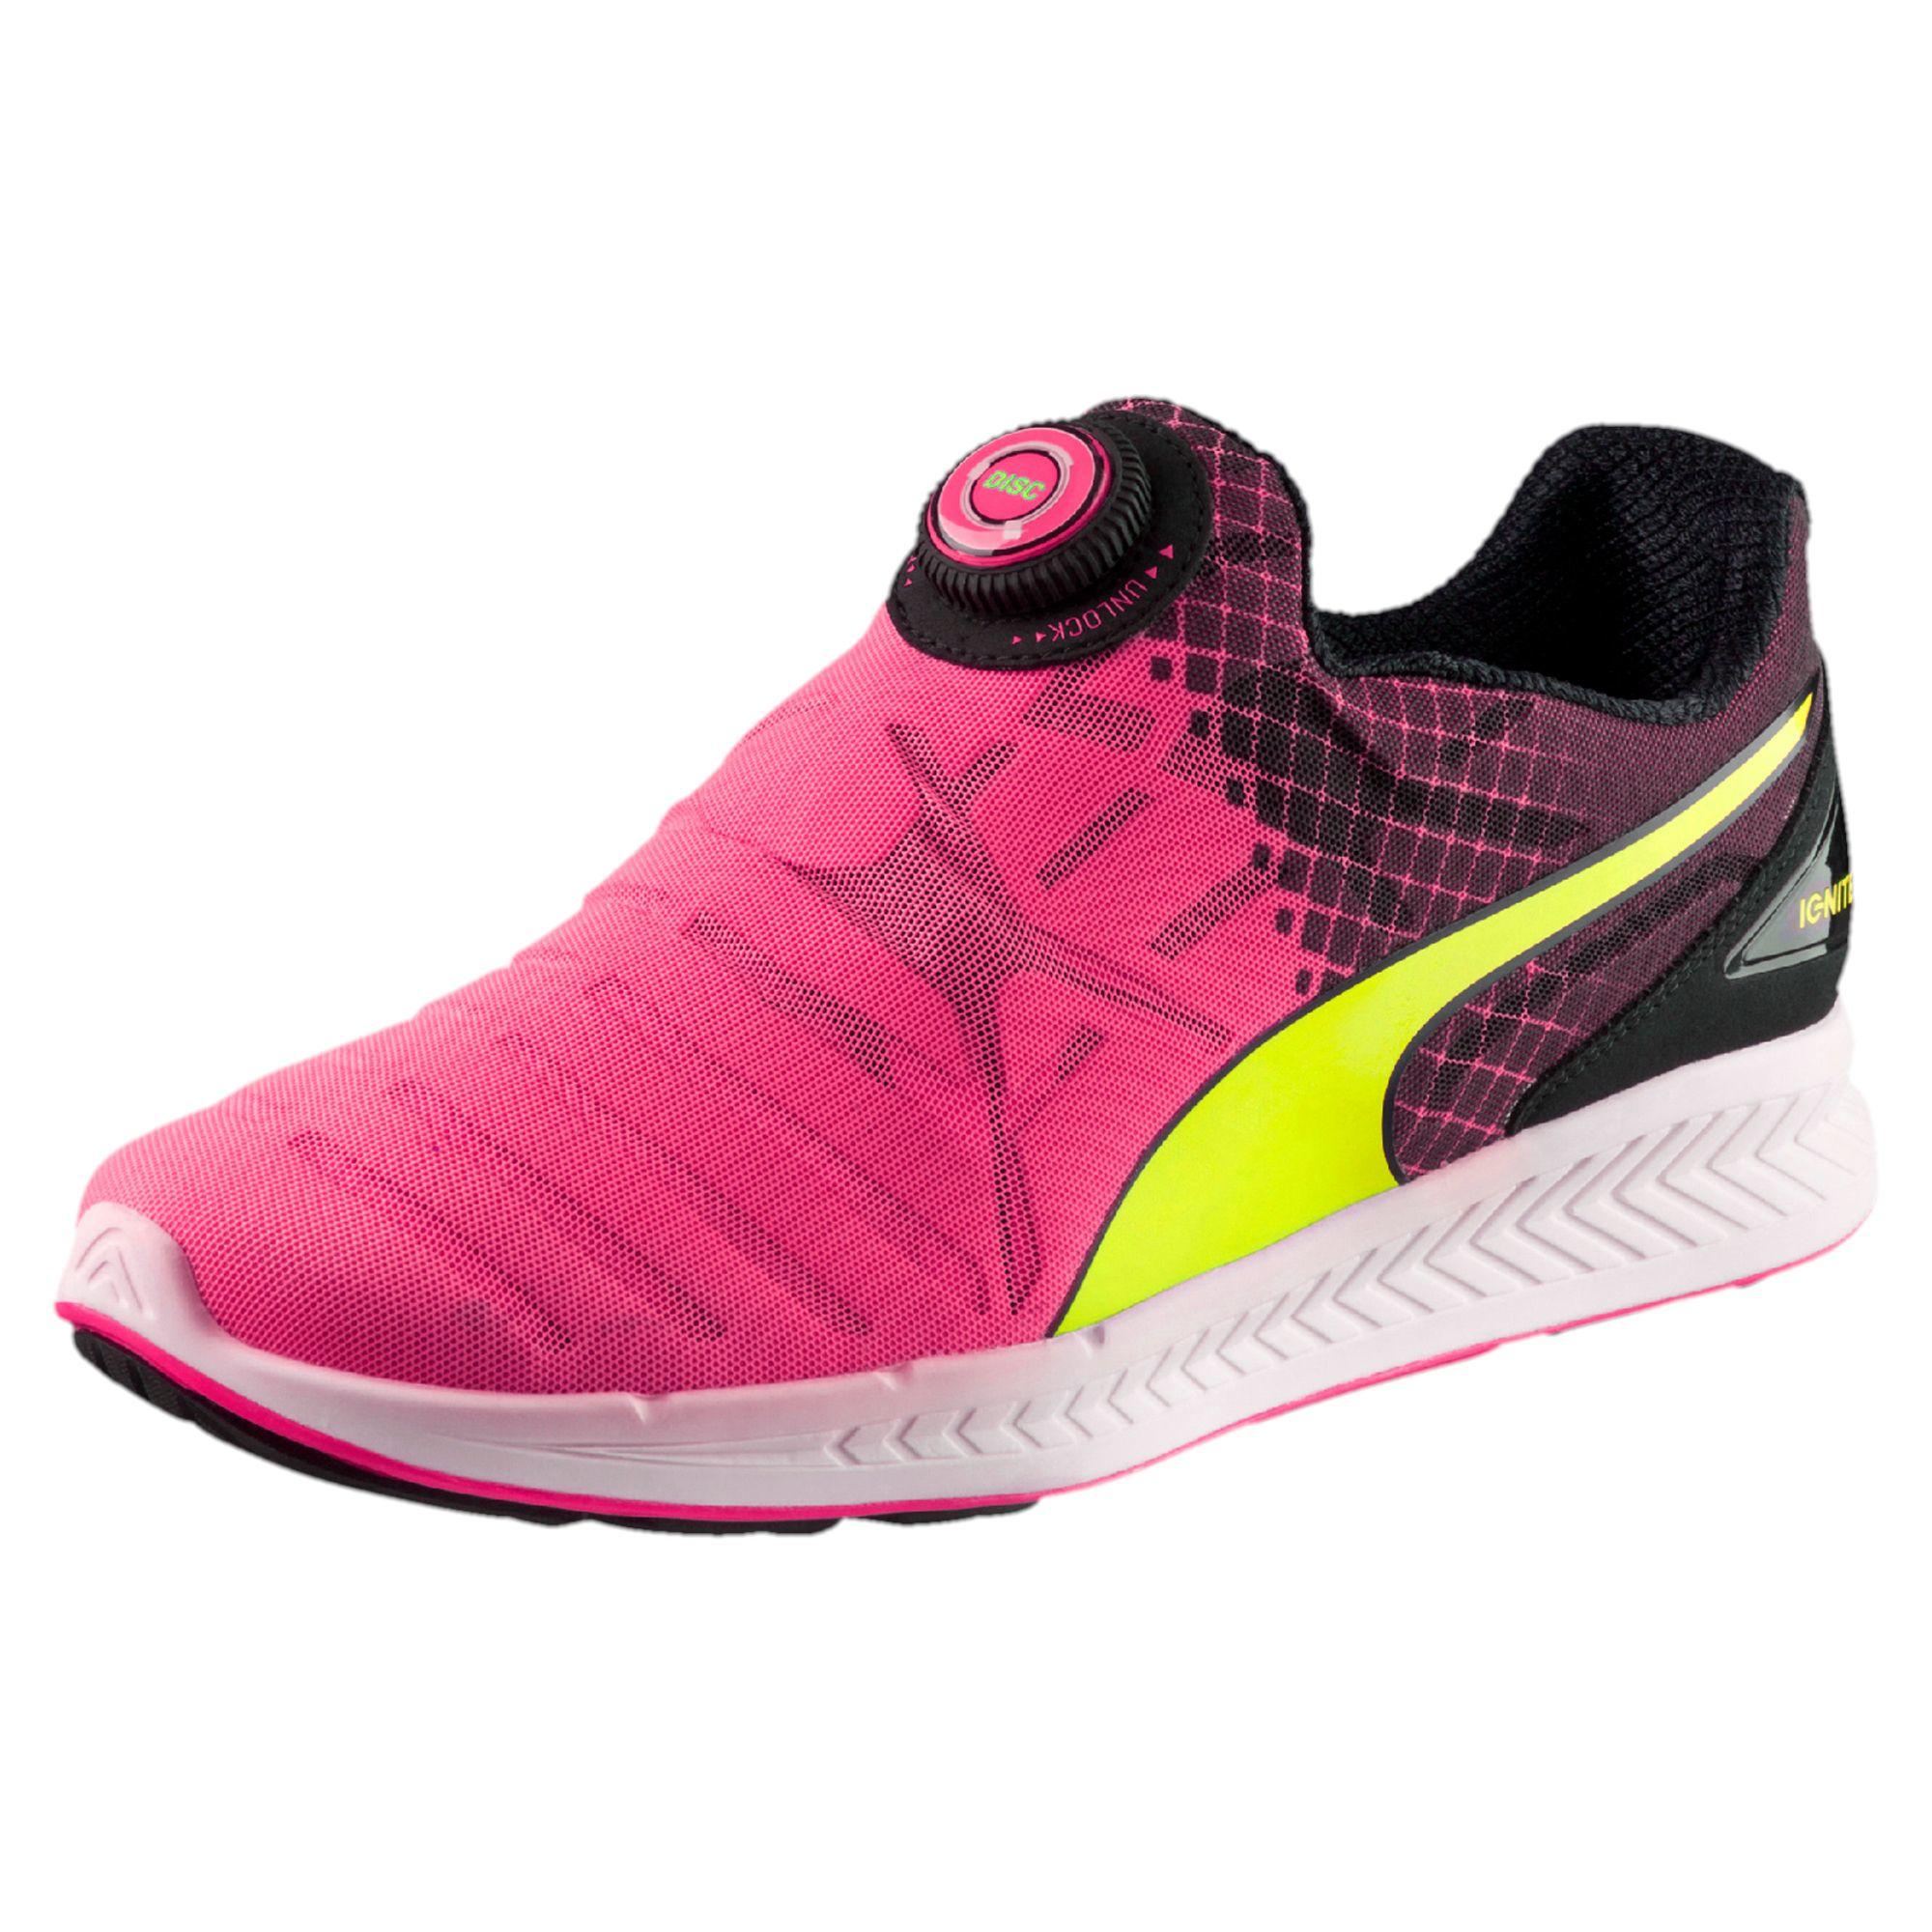 93a7e3b4e800ad Lyst - PUMA Ignite Disc Tricks Men s Running Shoes in Black for Men